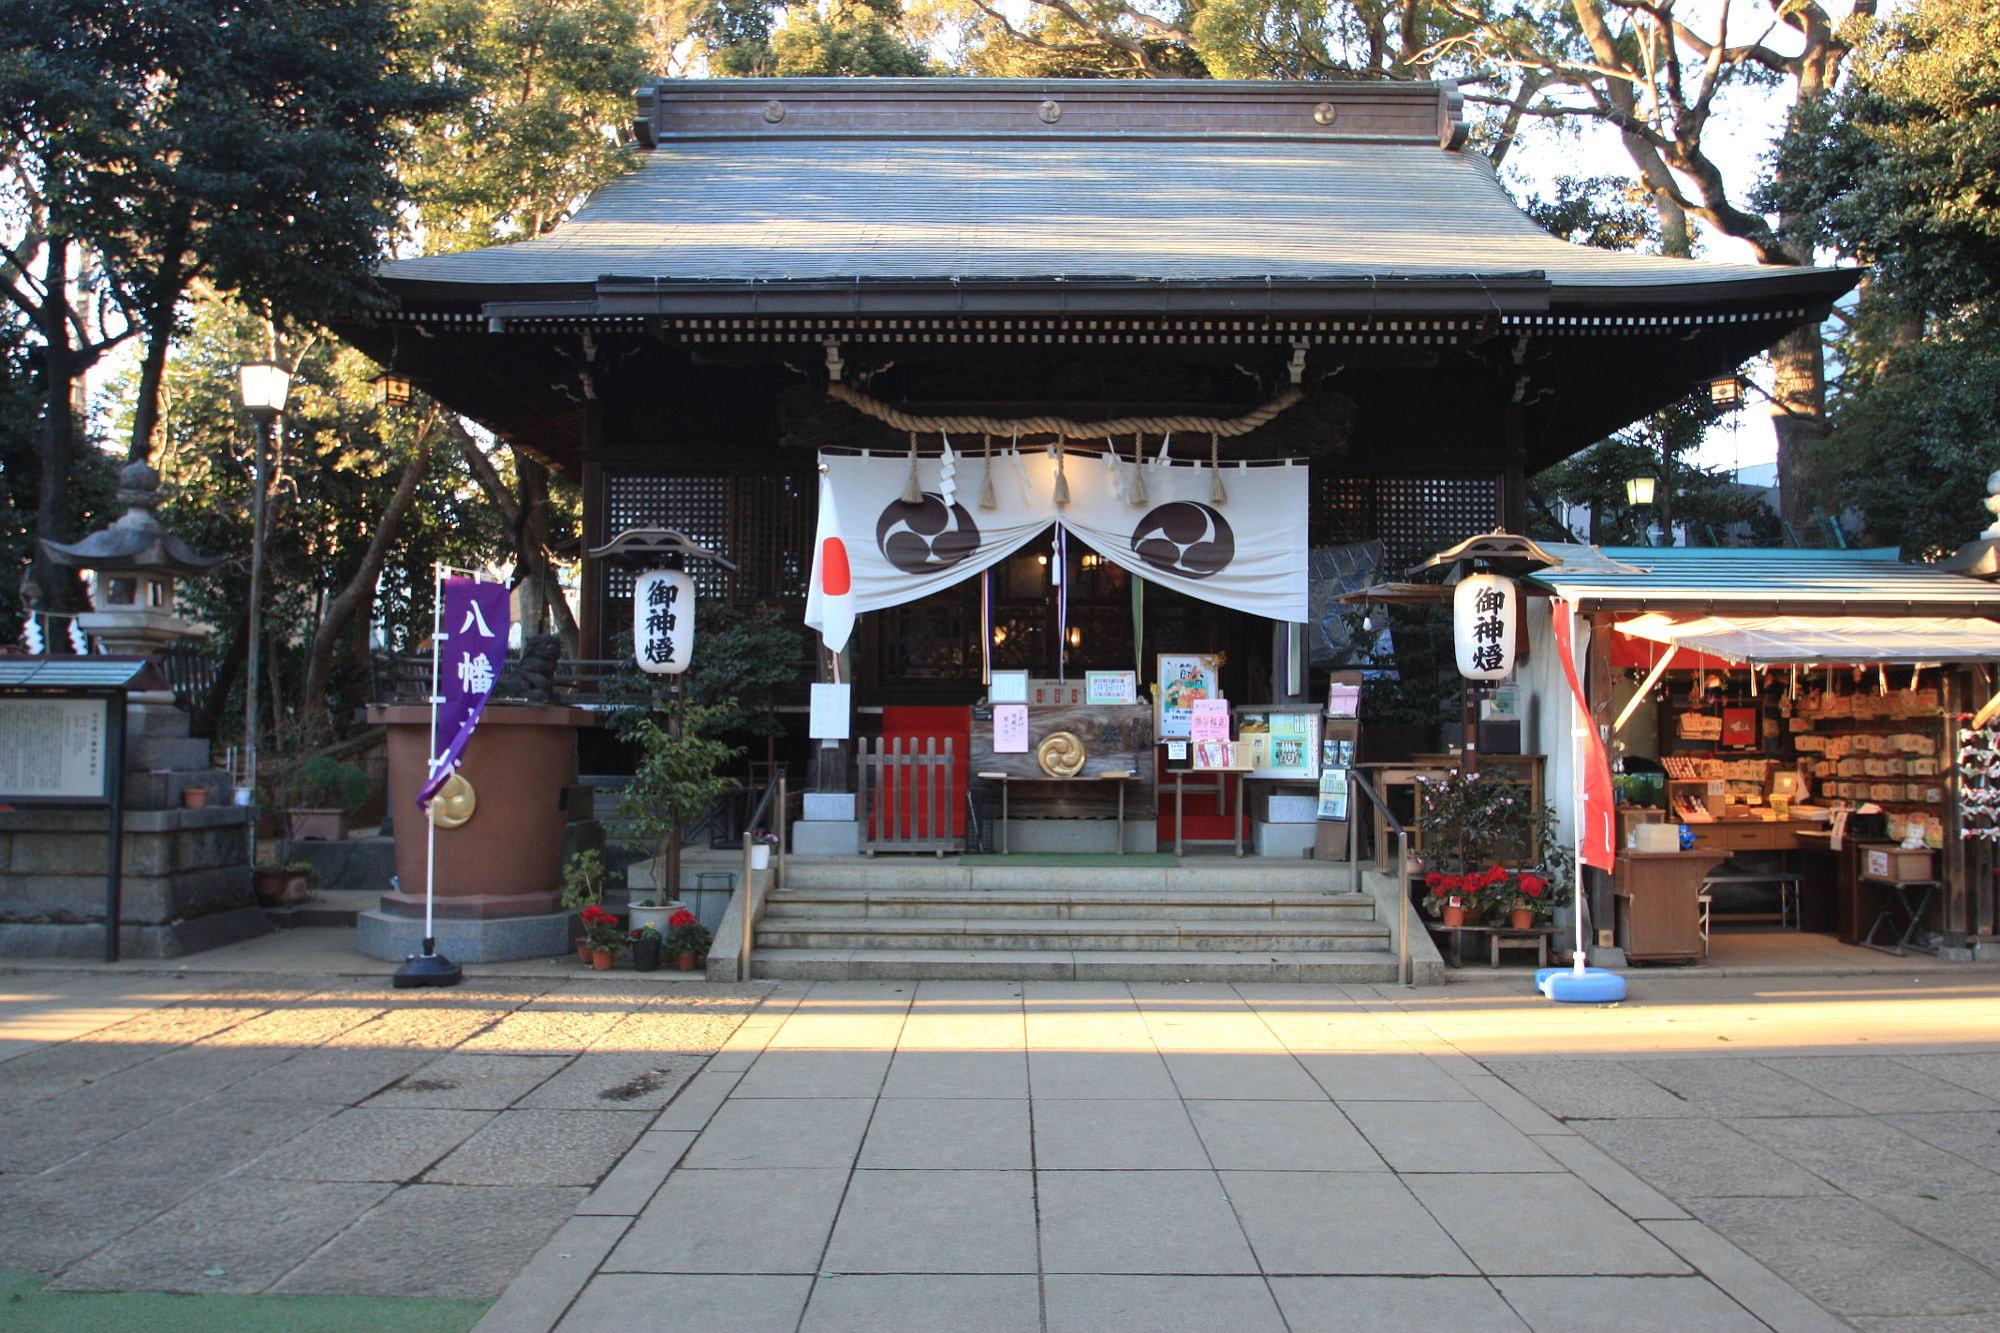 太子堂八幡神社の本殿(拝殿)